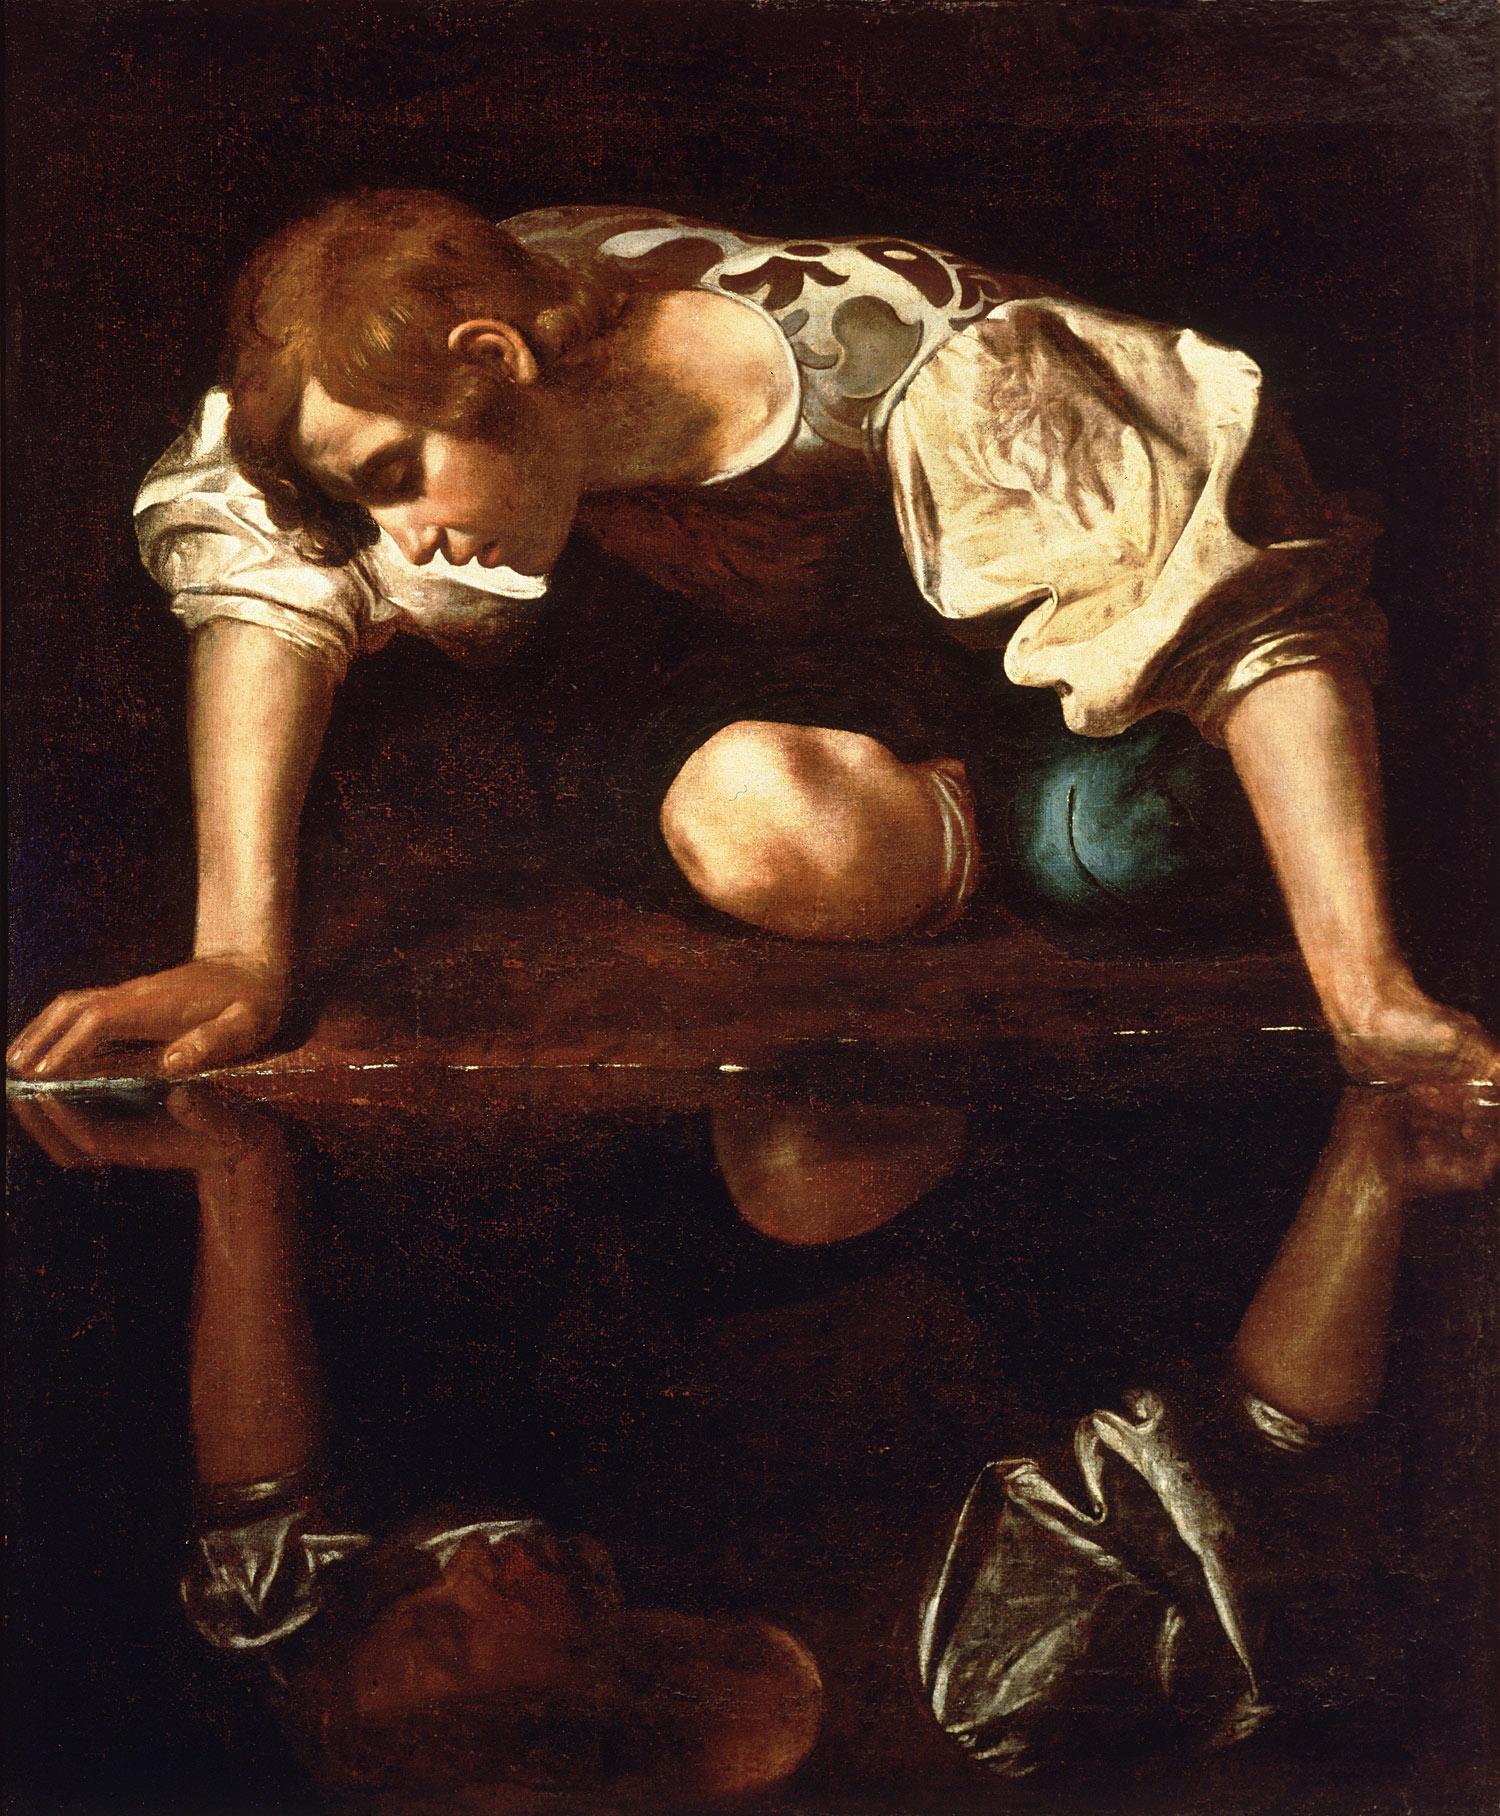 Caravaggio o Giovanni Antonio Galli detto lo Spadarino, Narciso (1597-1599 o 1645; olio su tela, 112 x 92 cm; Roma, Galleria Nazionale d'Arte Antica di Palazzo Barberini)